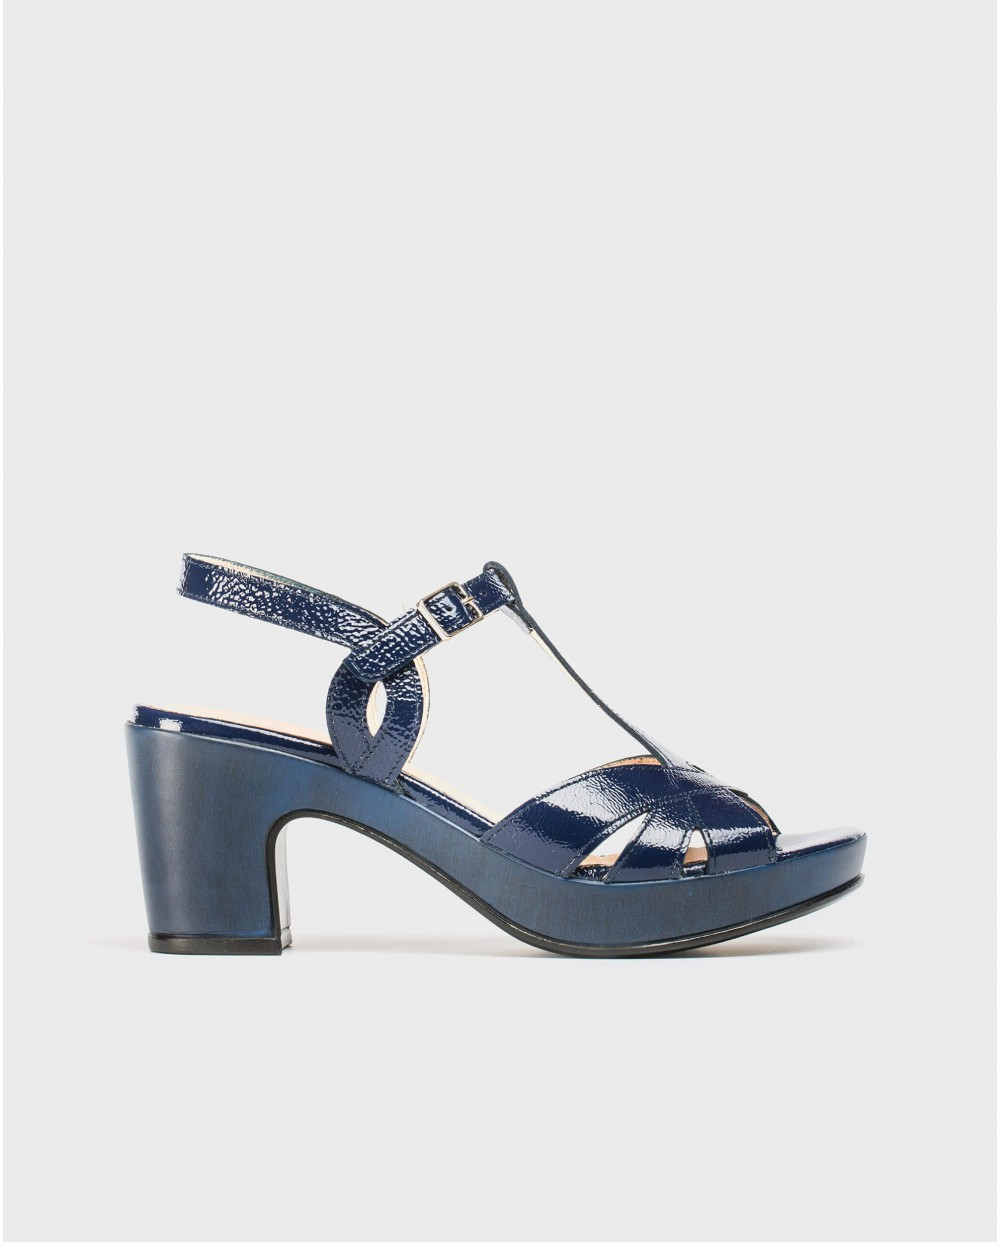 Wonders-Sandals-Platform sandal with straps